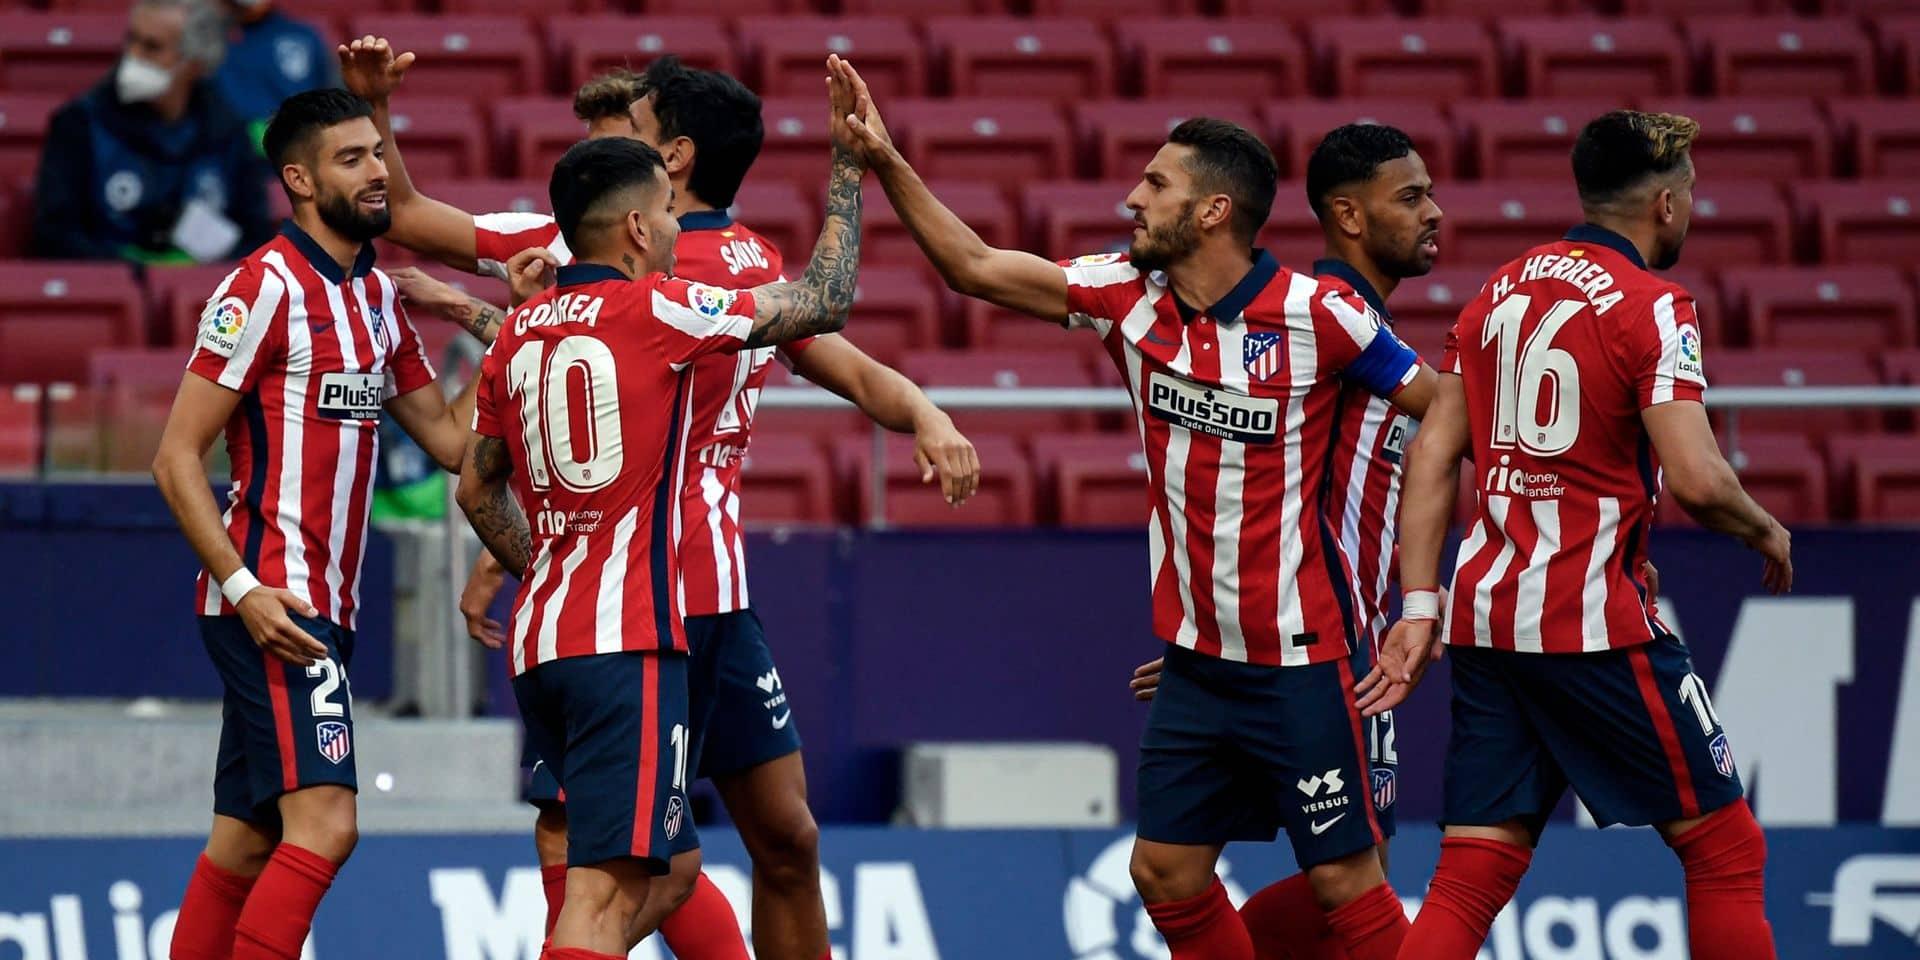 Belges à l'étranger: Carrasco inscrit un nouveau but et replace l'Atlético seul leader, Dries Mertens très ému après son but pour Naples (VIDEO)